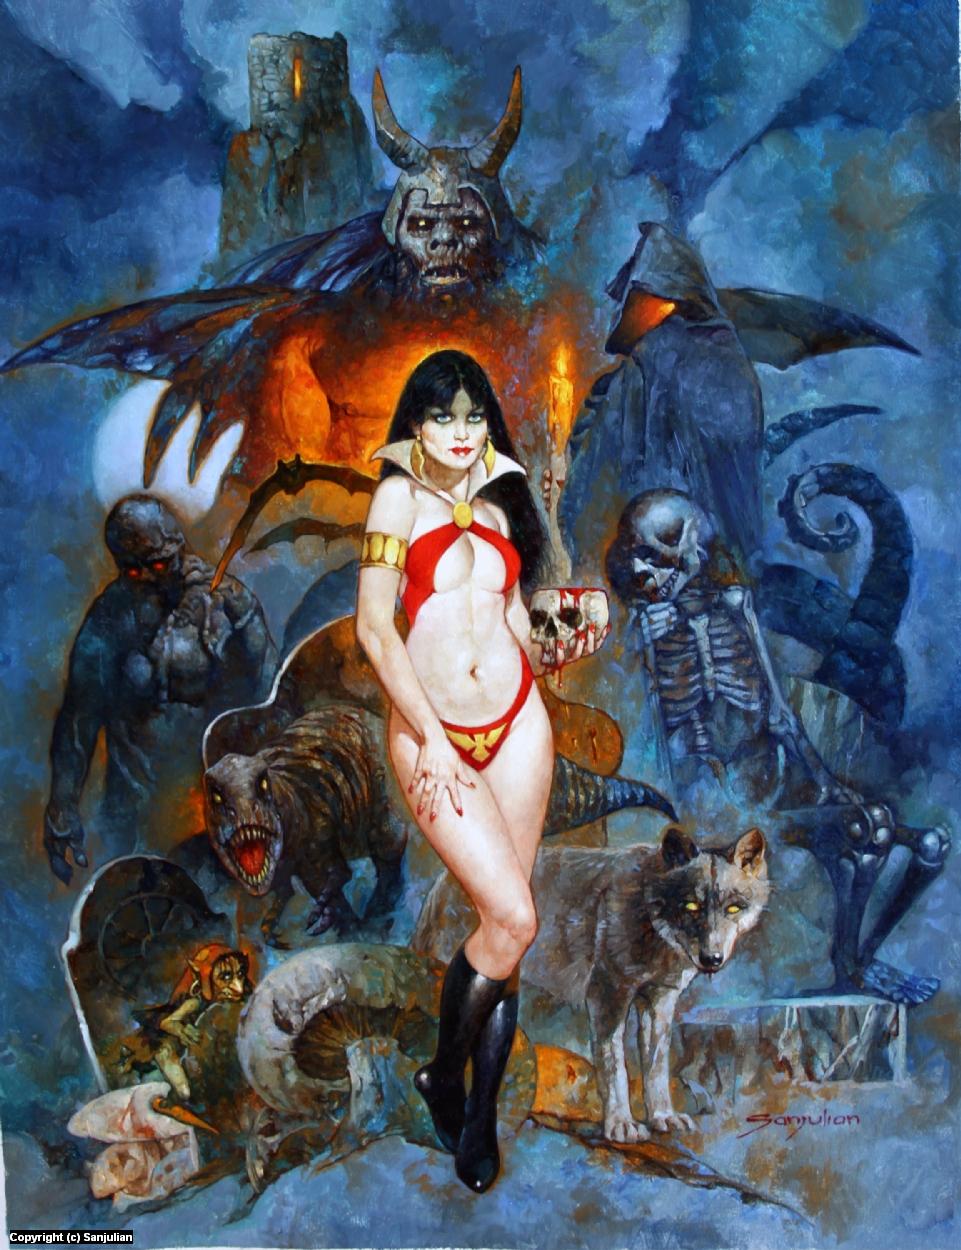 Horde of Chaos - Vampirella  Artwork by Manuel Sanjulian